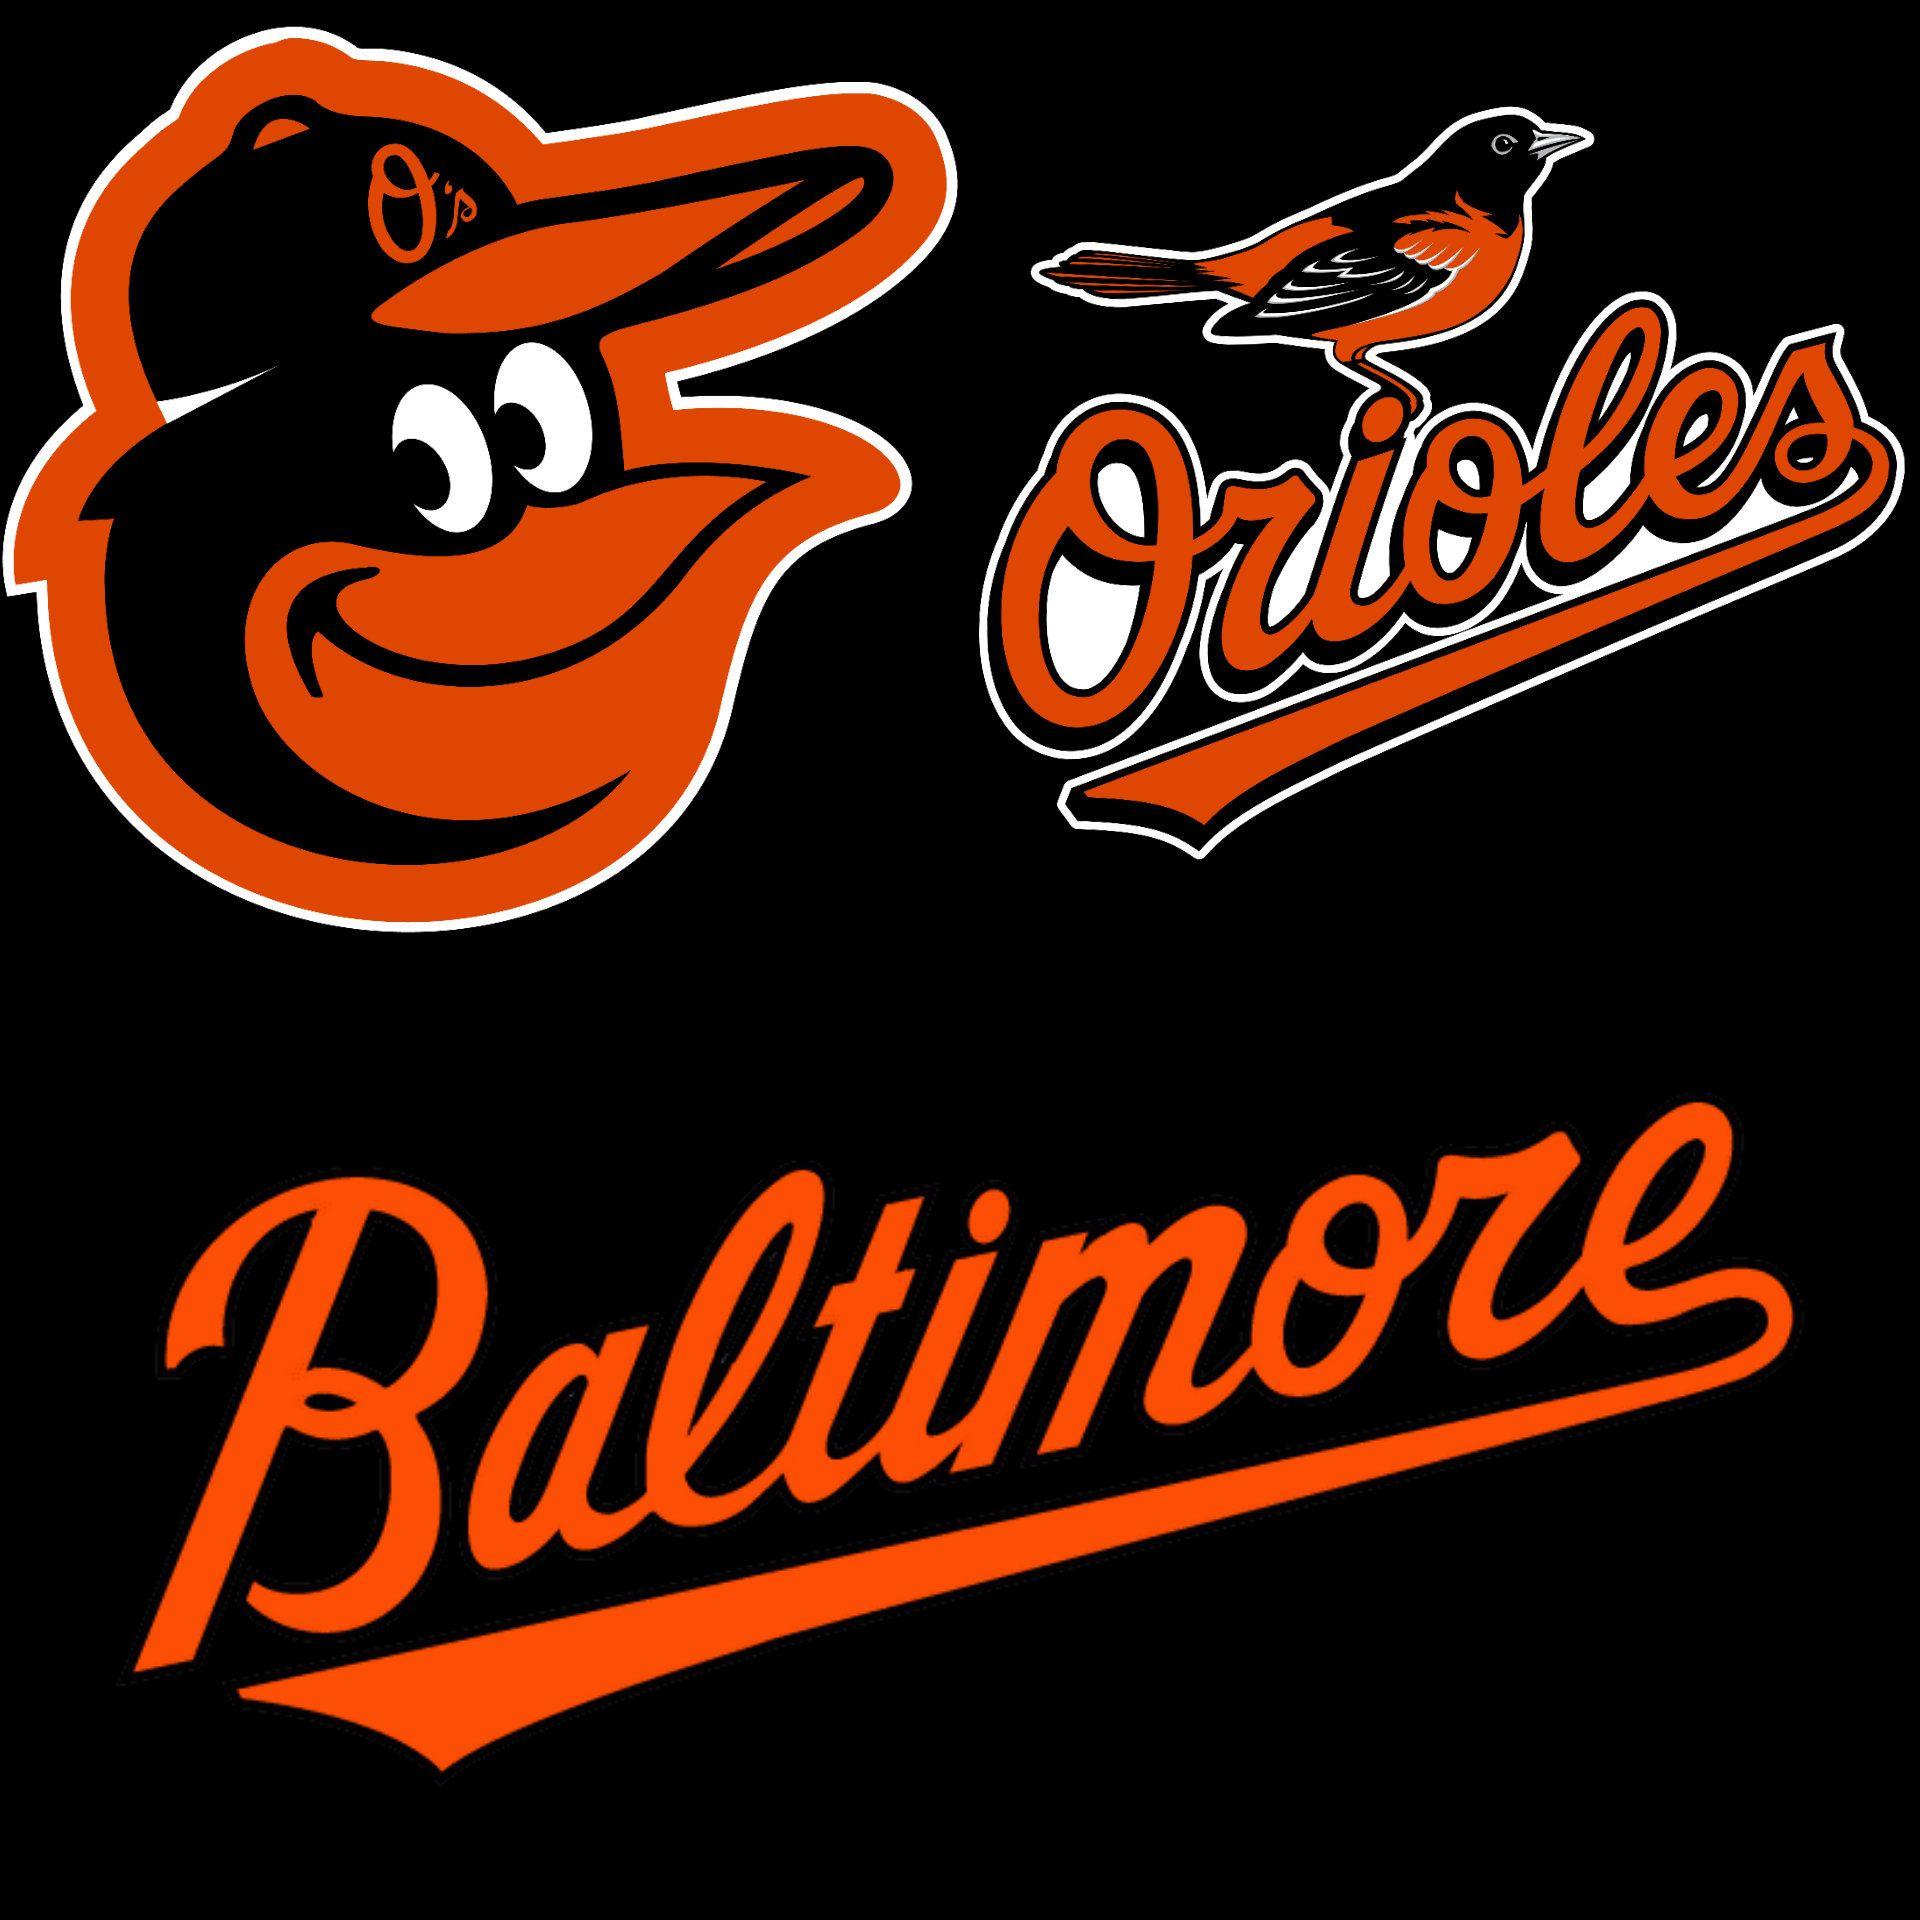 Baltimore Orioles Logo Svg Baltimore Orioles Svg For Cricut Etsy Orioles Logo Baltimore Orioles Orioles